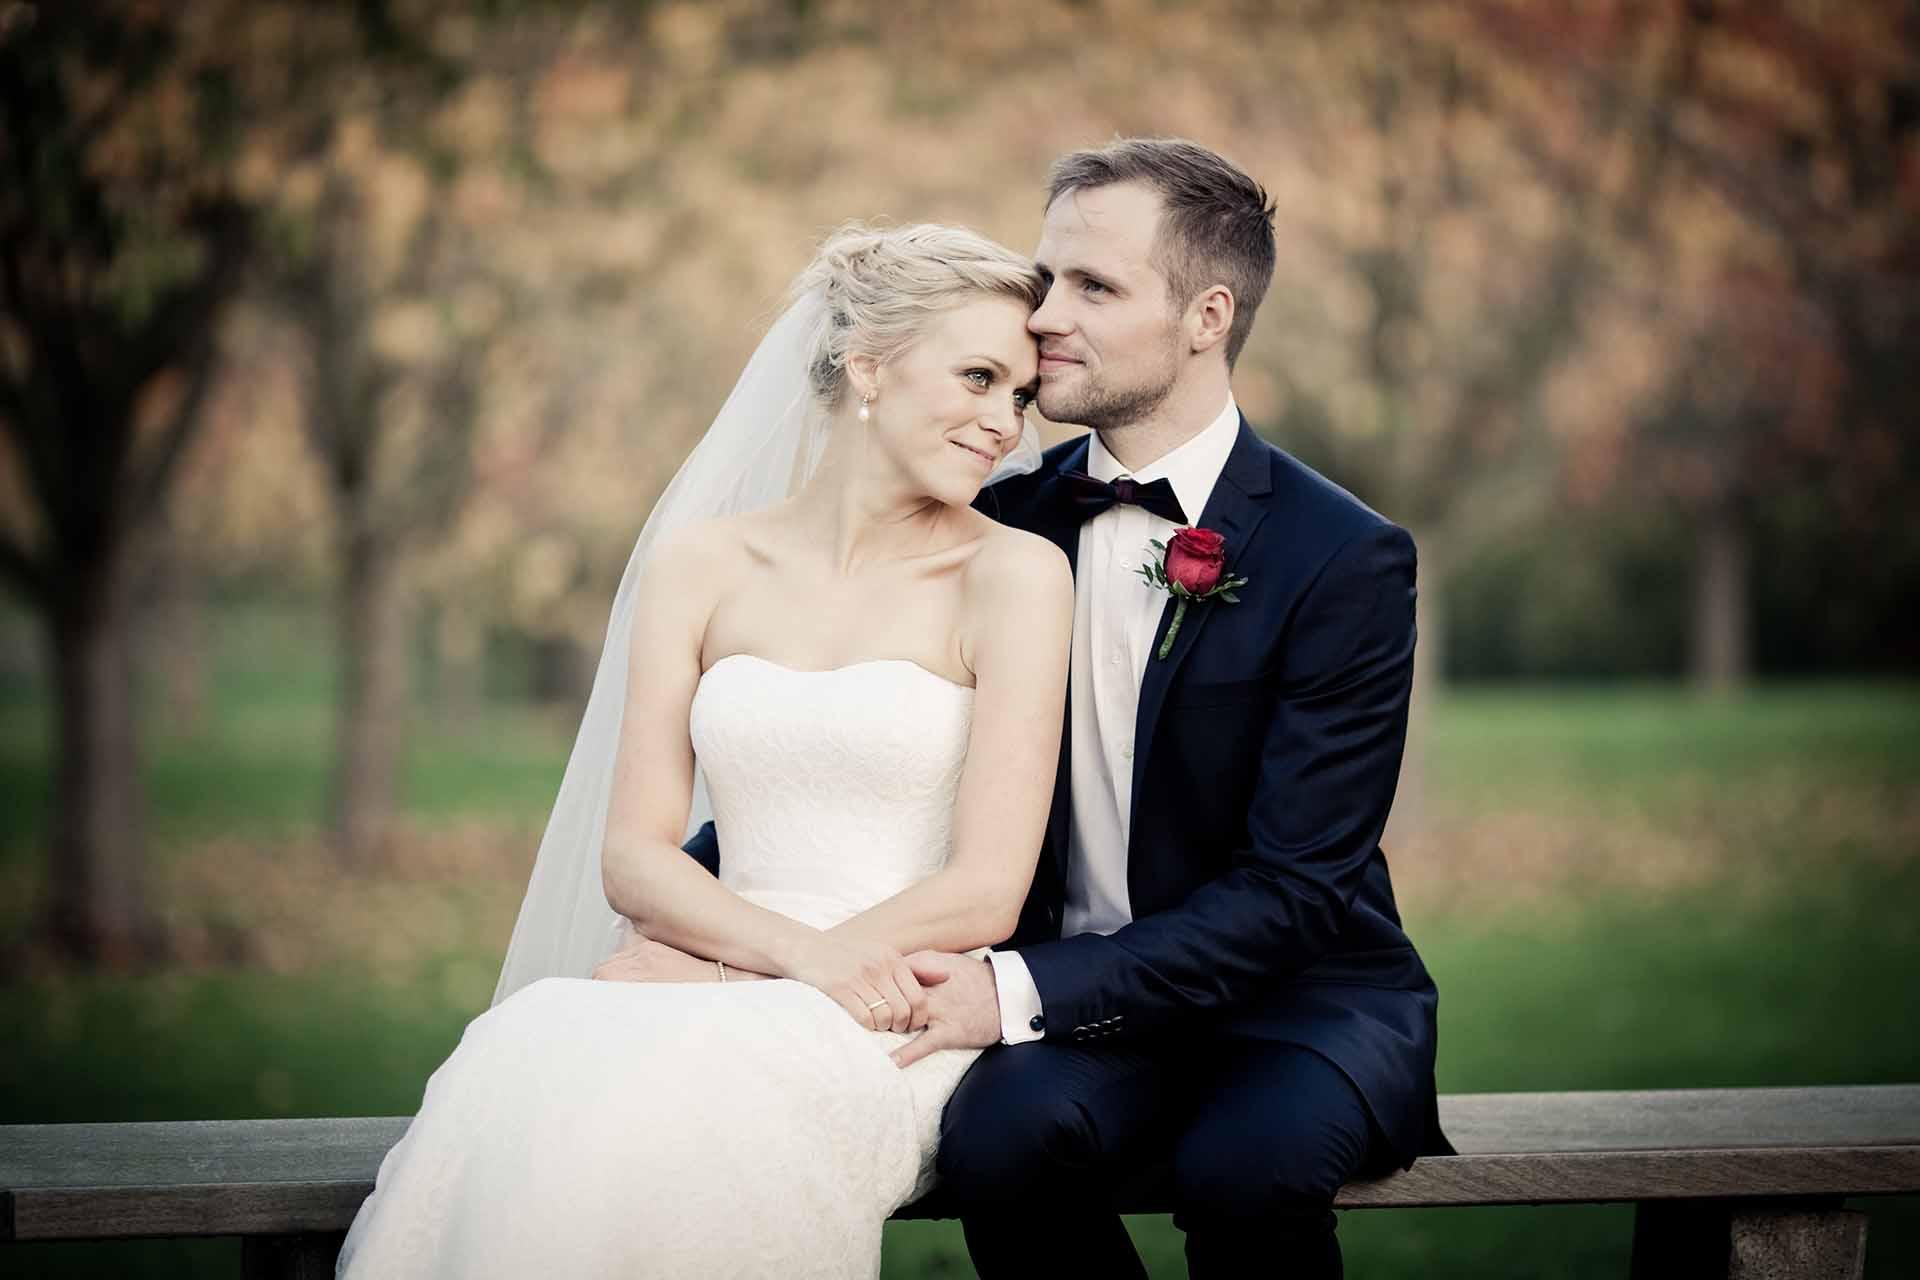 Professionel fotograf til jeres bryllup